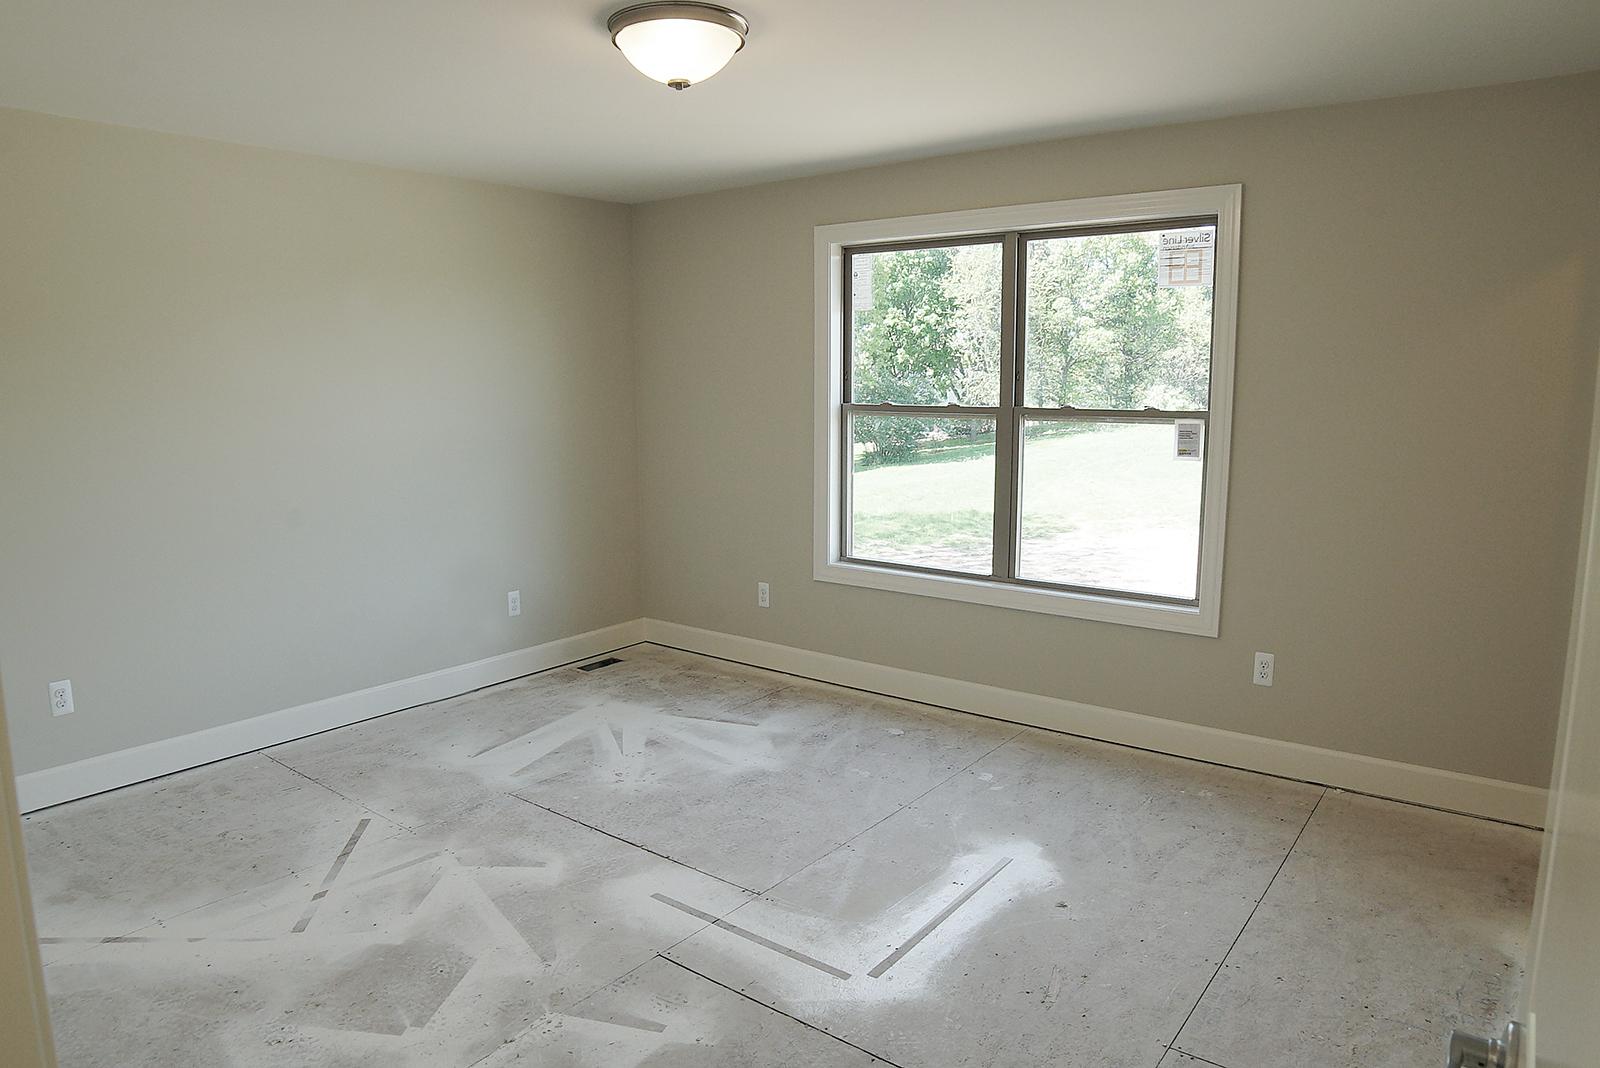 Bedroom_DSC06024.jpg